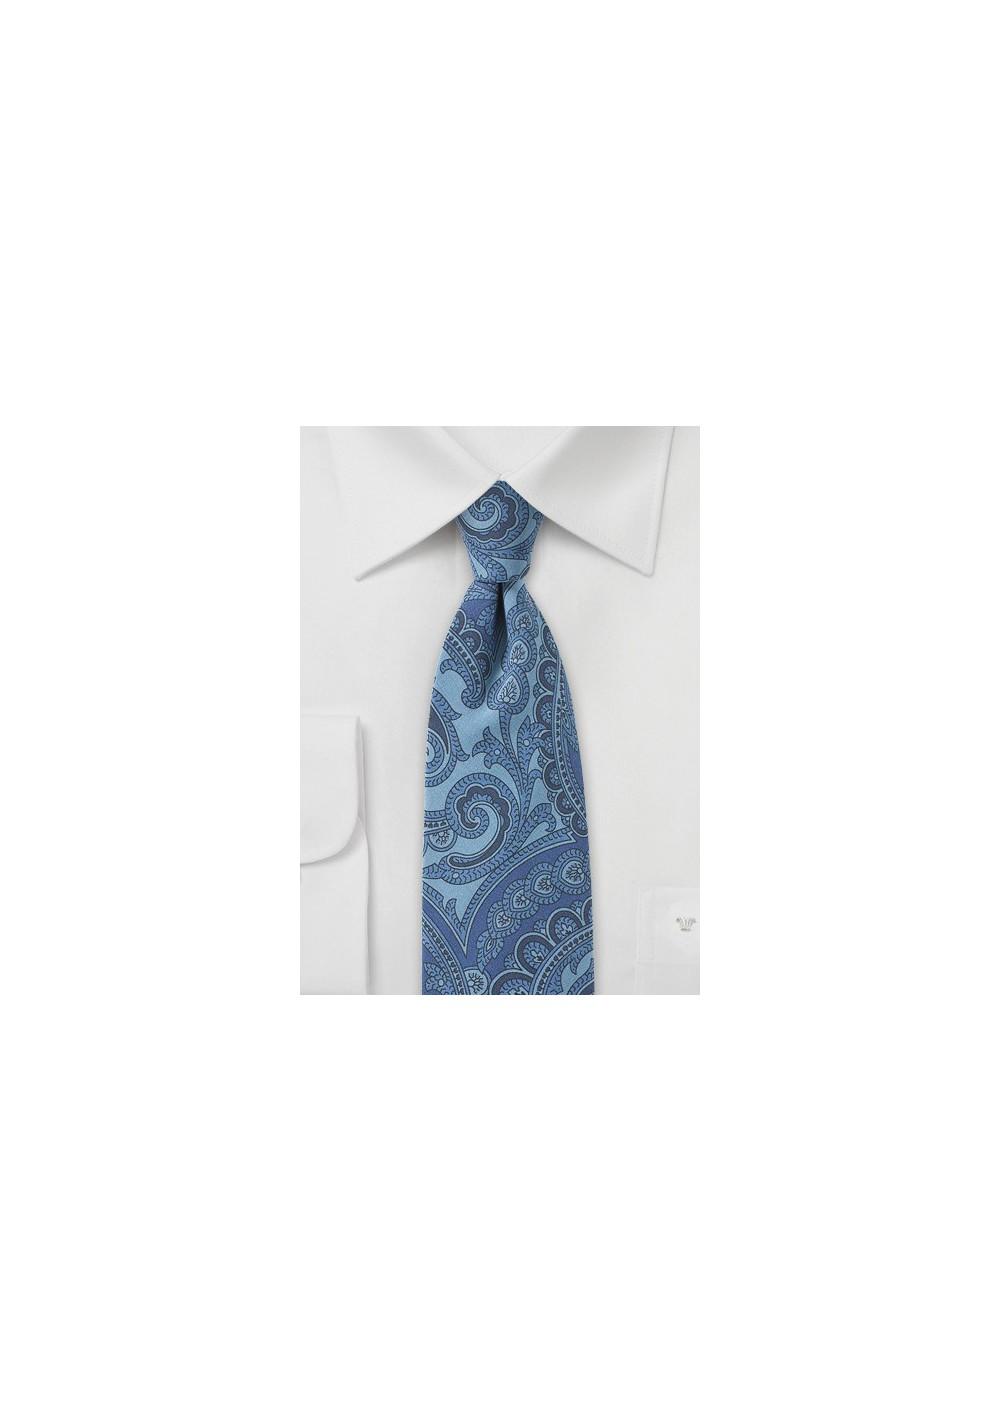 Paisley Silk Tie in Blue Jeans Look